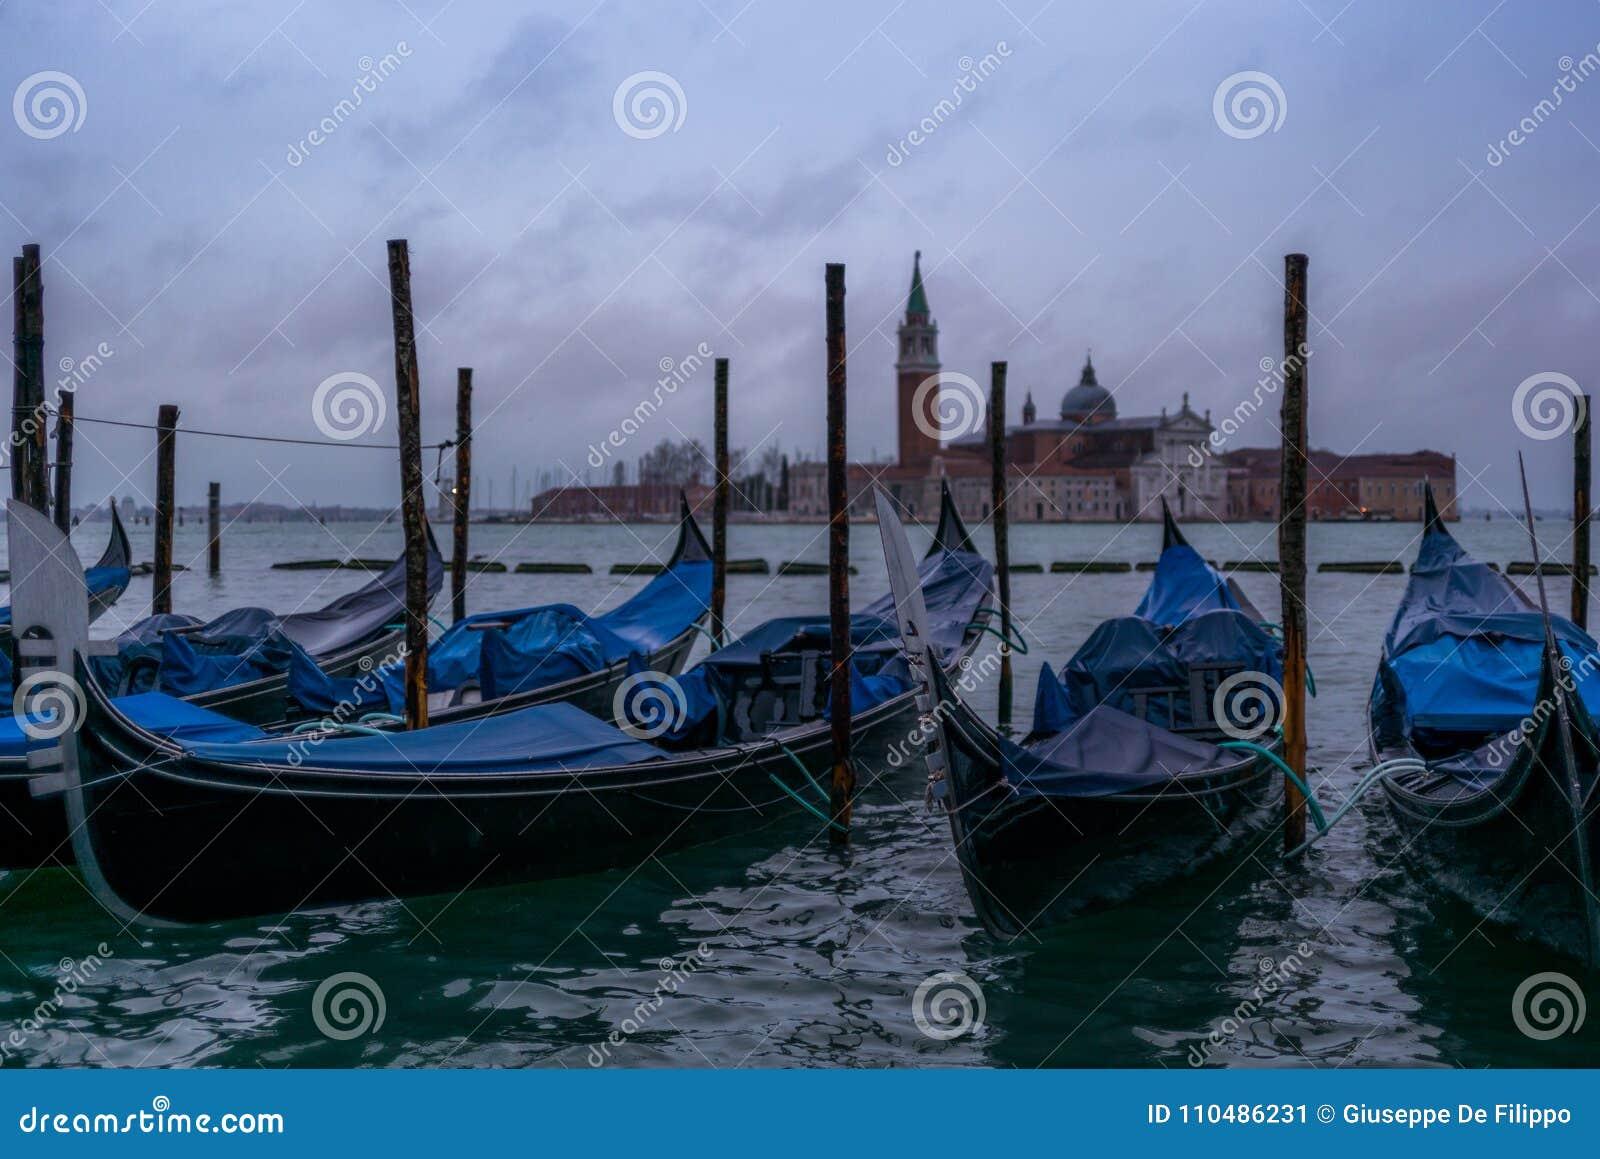 Gôndola na manhã em Veneza antes da chegada do turista